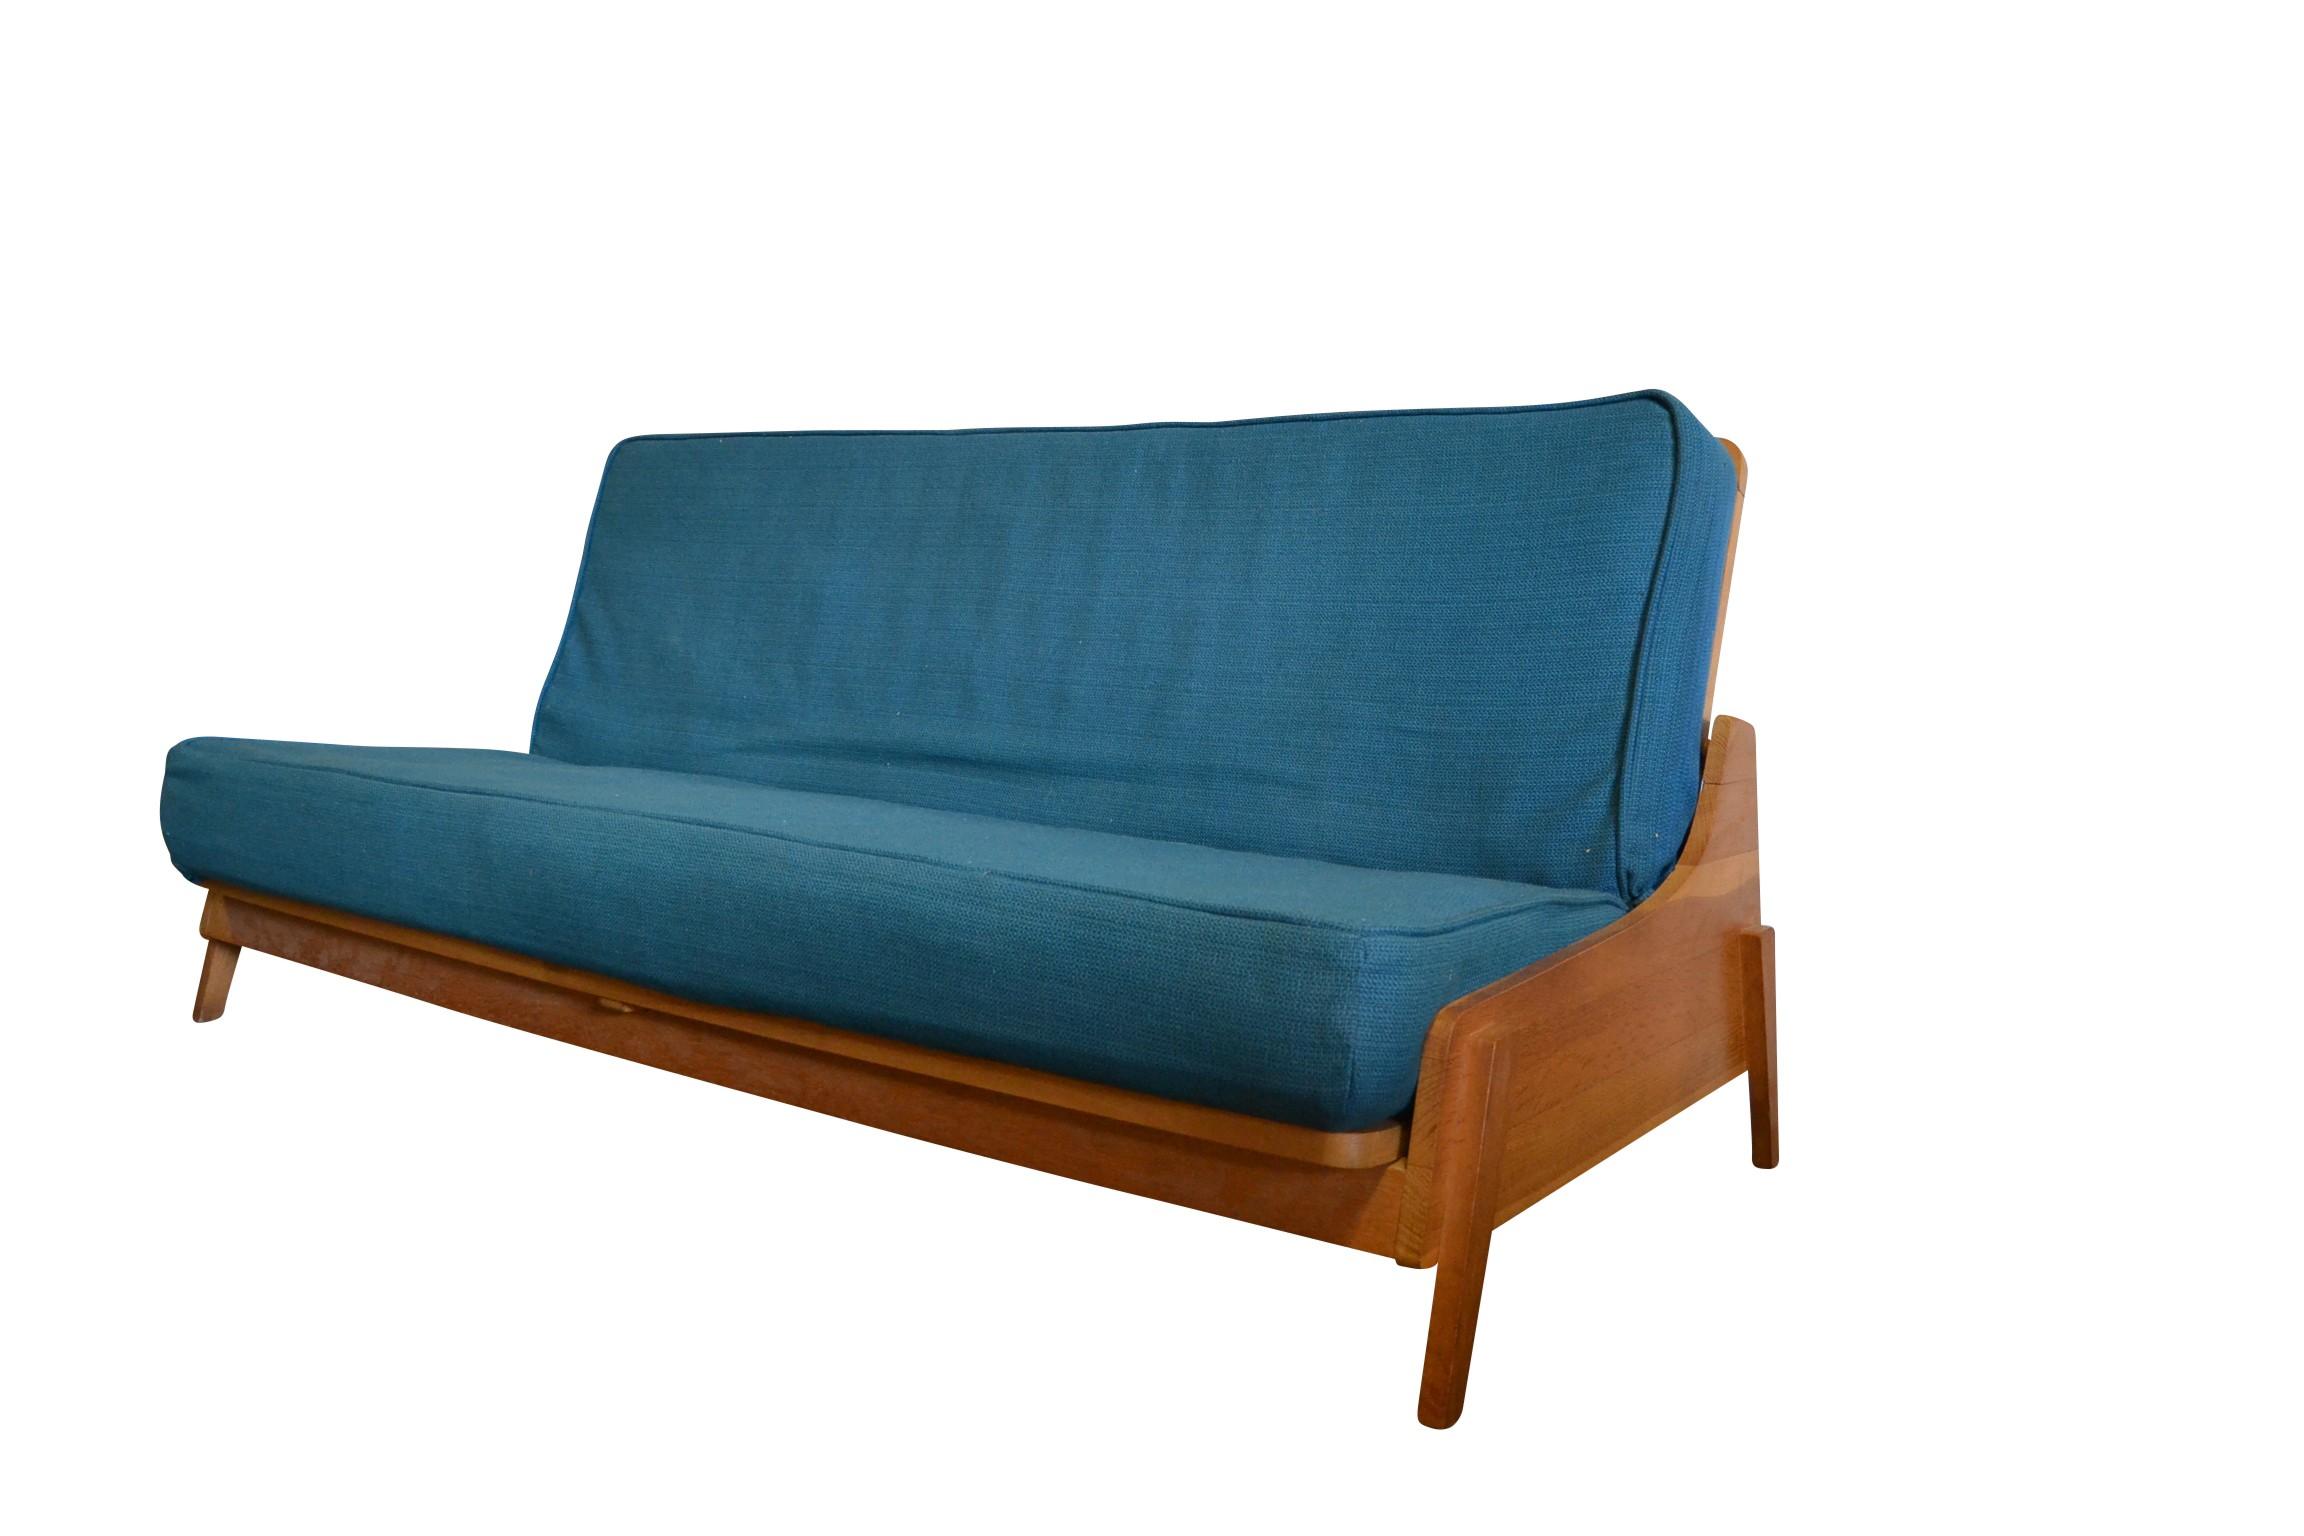 Sofa, René-Jean CAILLETTE - 1950s - Design Market